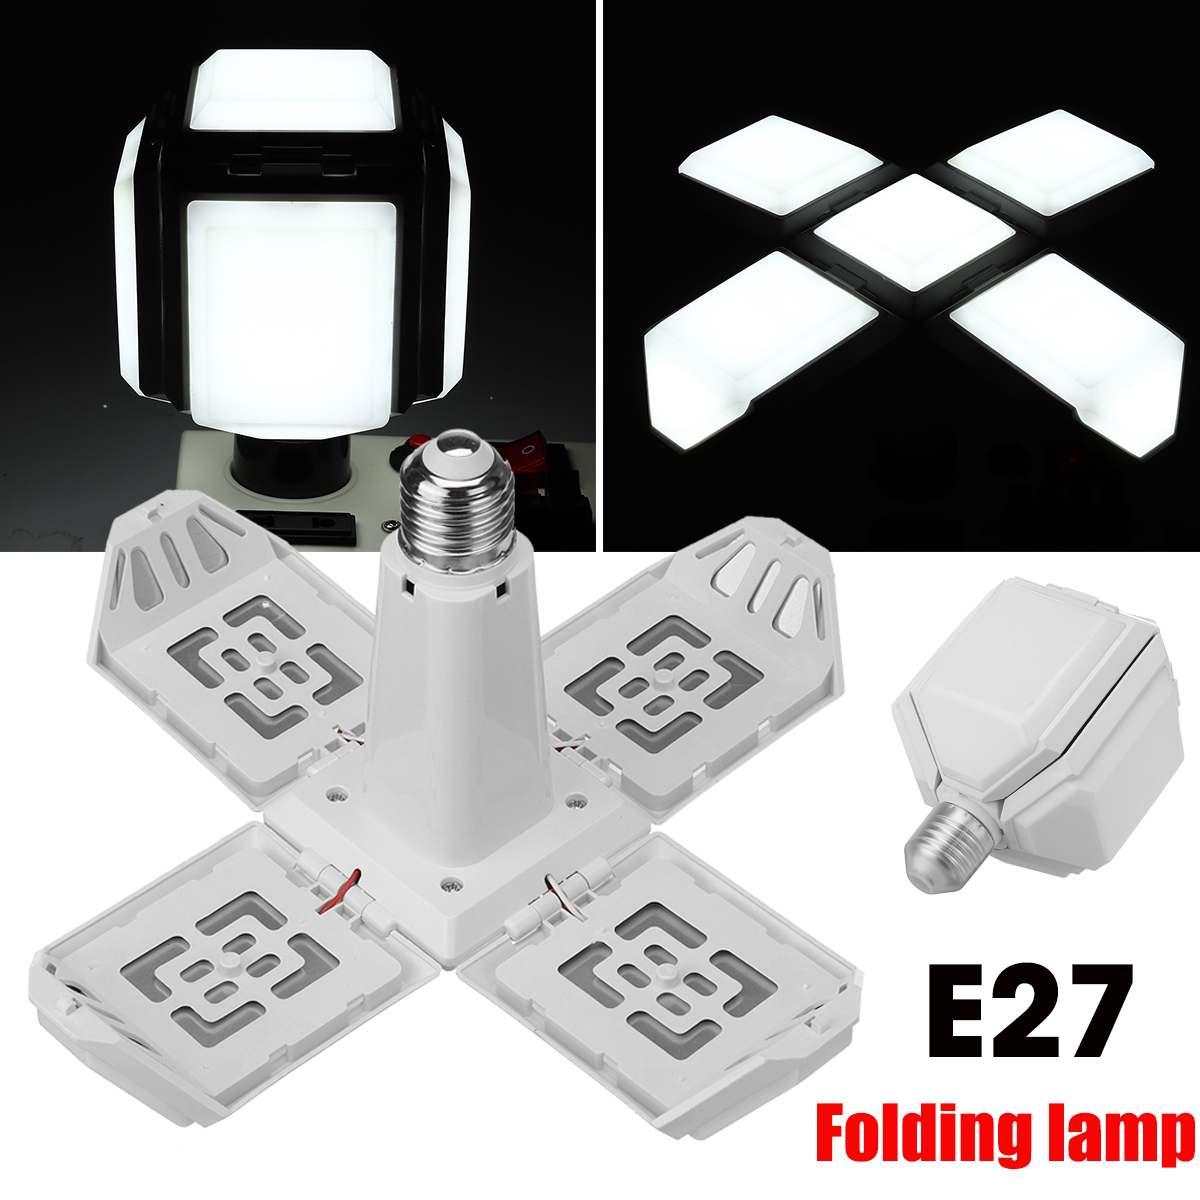 40 Вт E27 светодиодный гараж светильник 360 градусов деформируемая игрушка потолочный светильник для дома склад мастерская откидной крышкой 4 ...